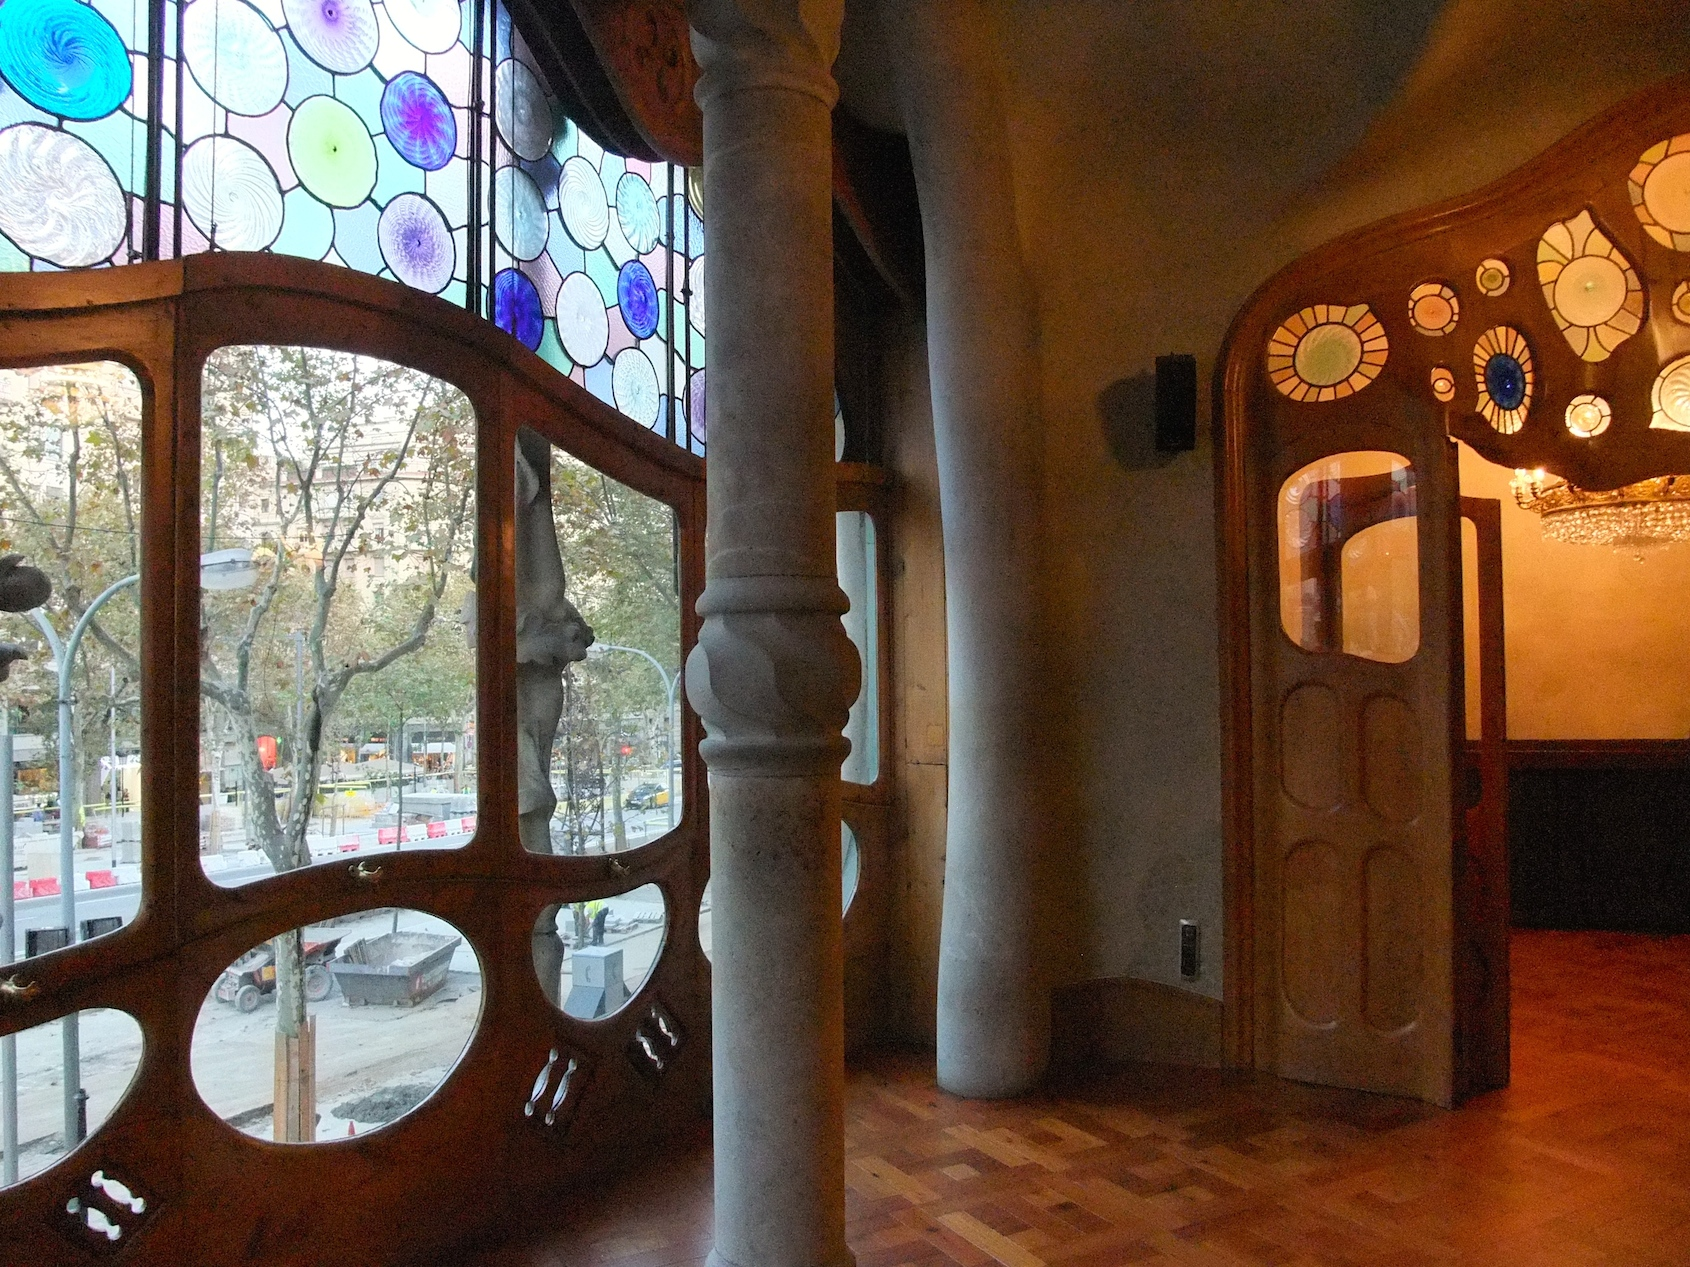 The living room inside Casa Batlló